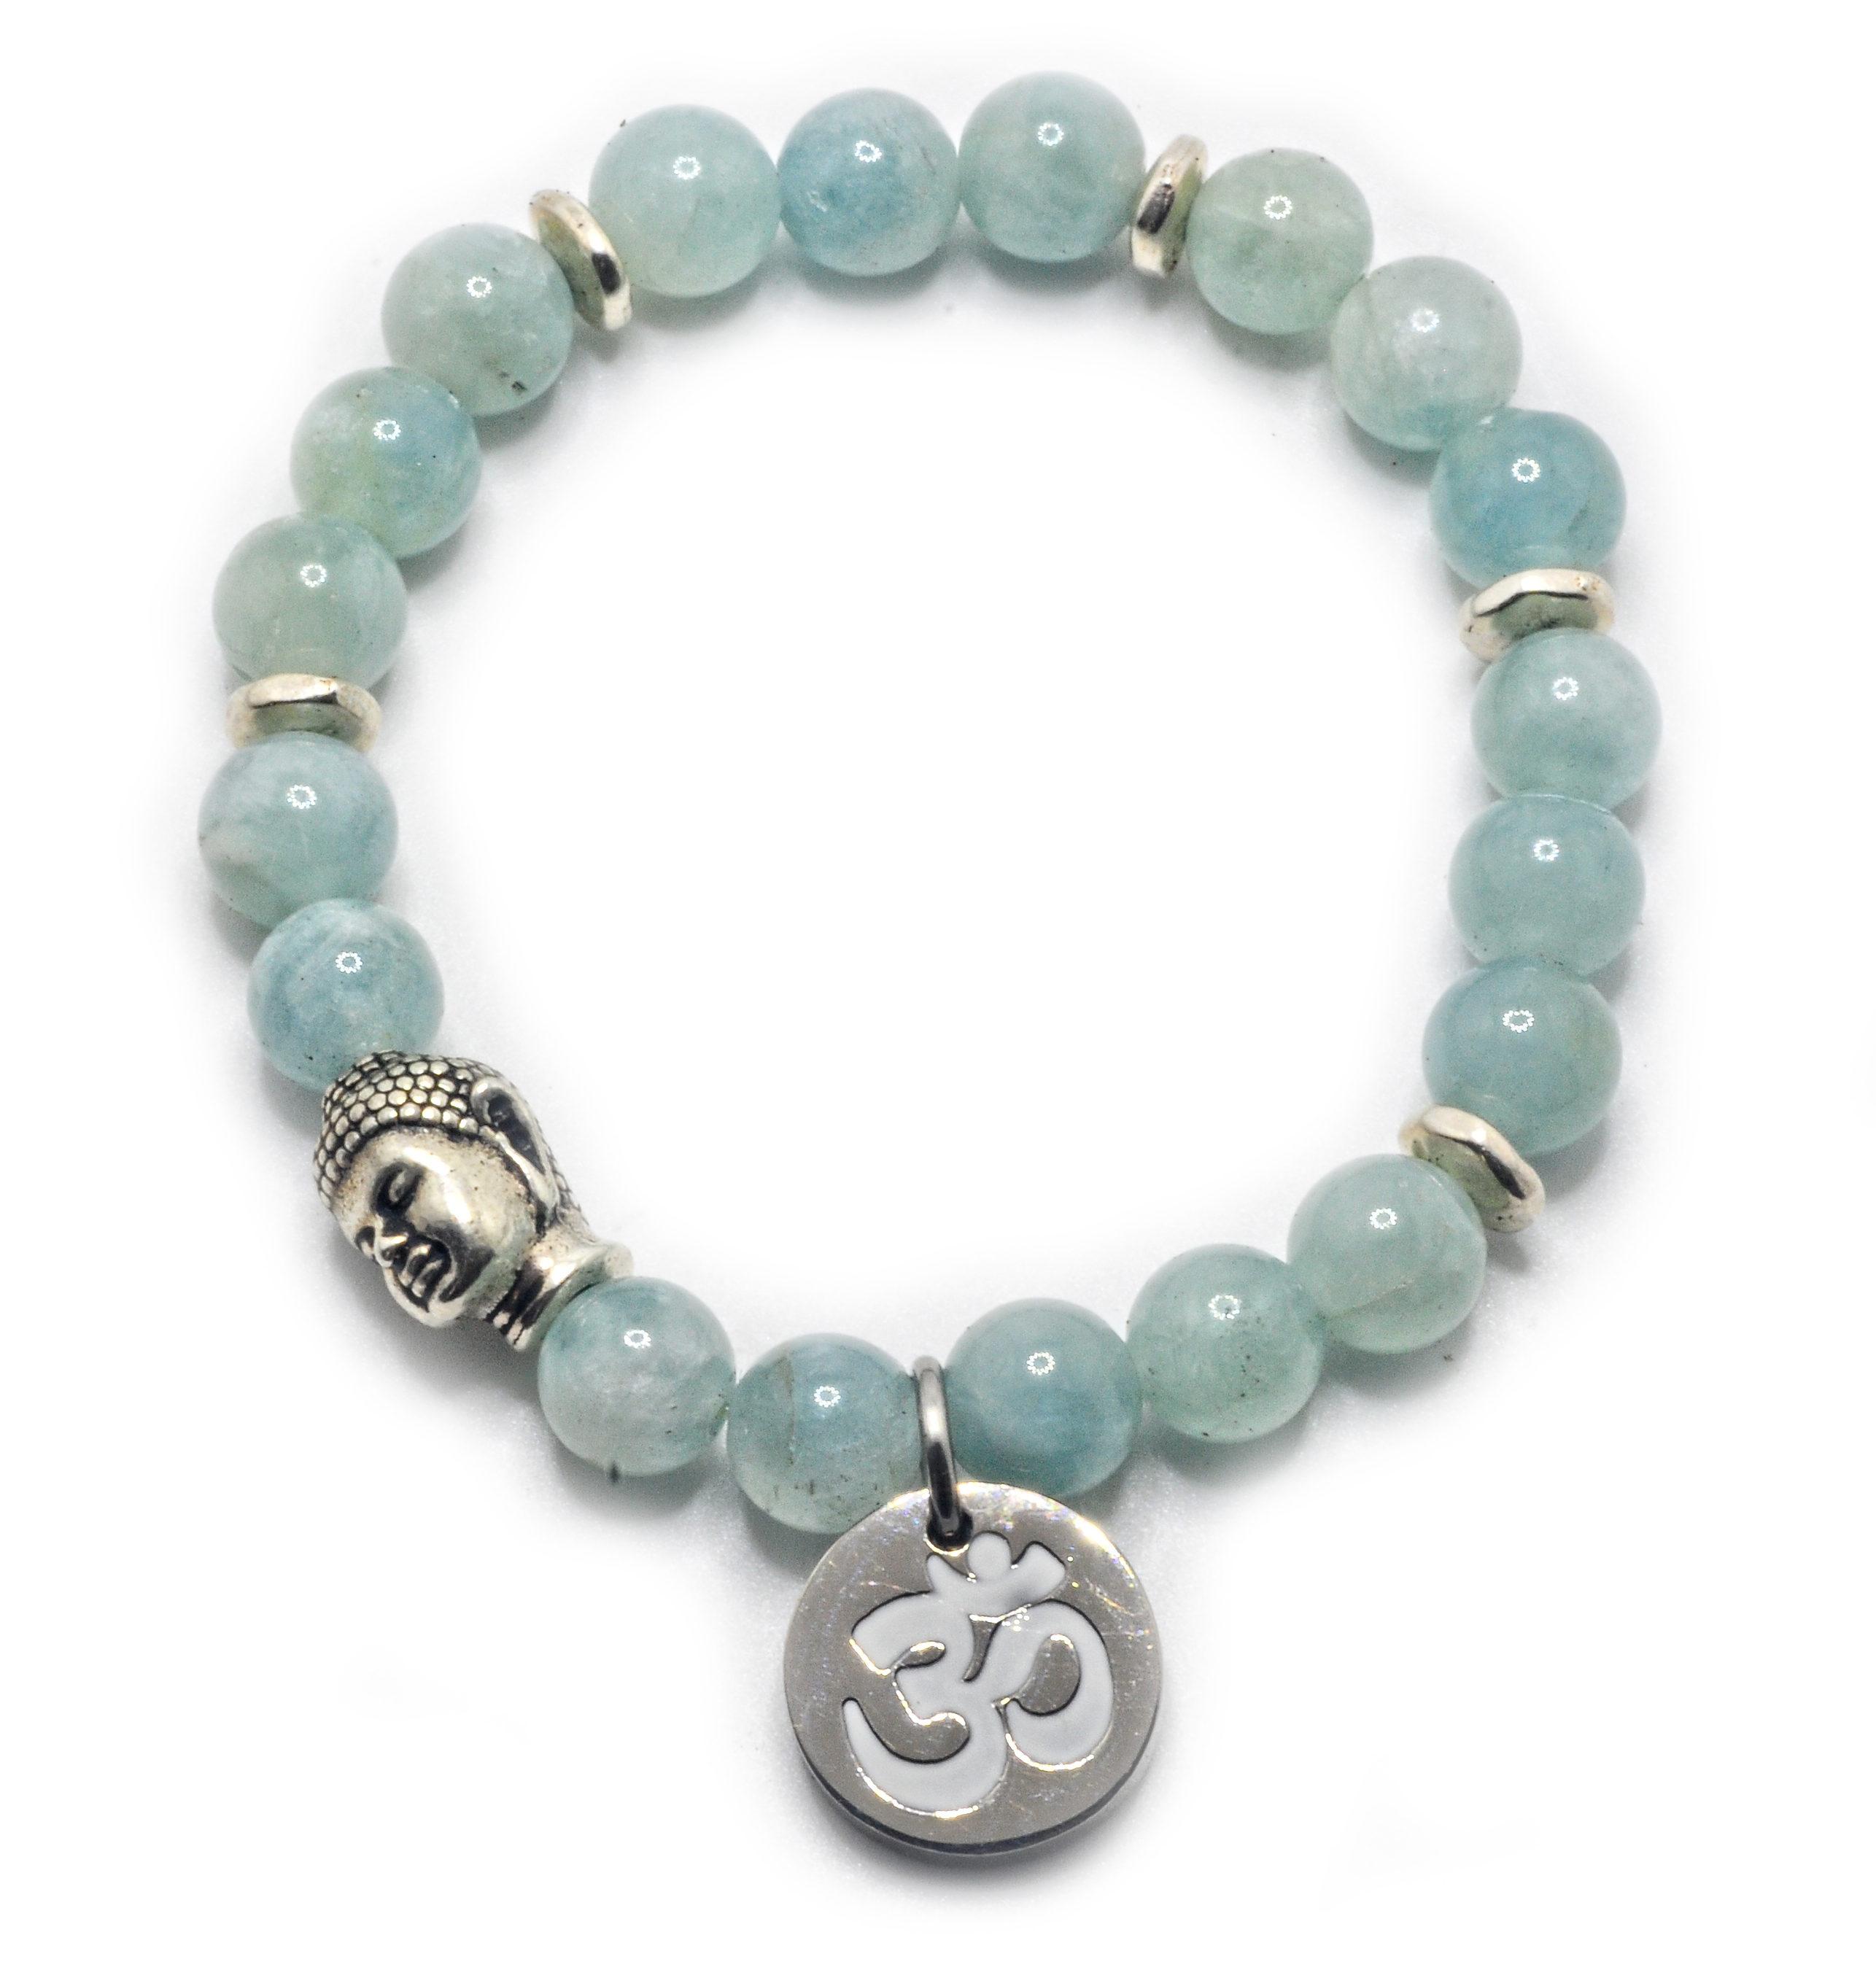 Aquamarine Bracelet  Awaken The Peace. Golden Pendant. Turquoise Bracelet. Band Rings. Genuine Opal Stud Earrings. Promise Rings Engagement Rings. Square Stud Earrings. Single Diamond Bracelet. Emerald Bangles